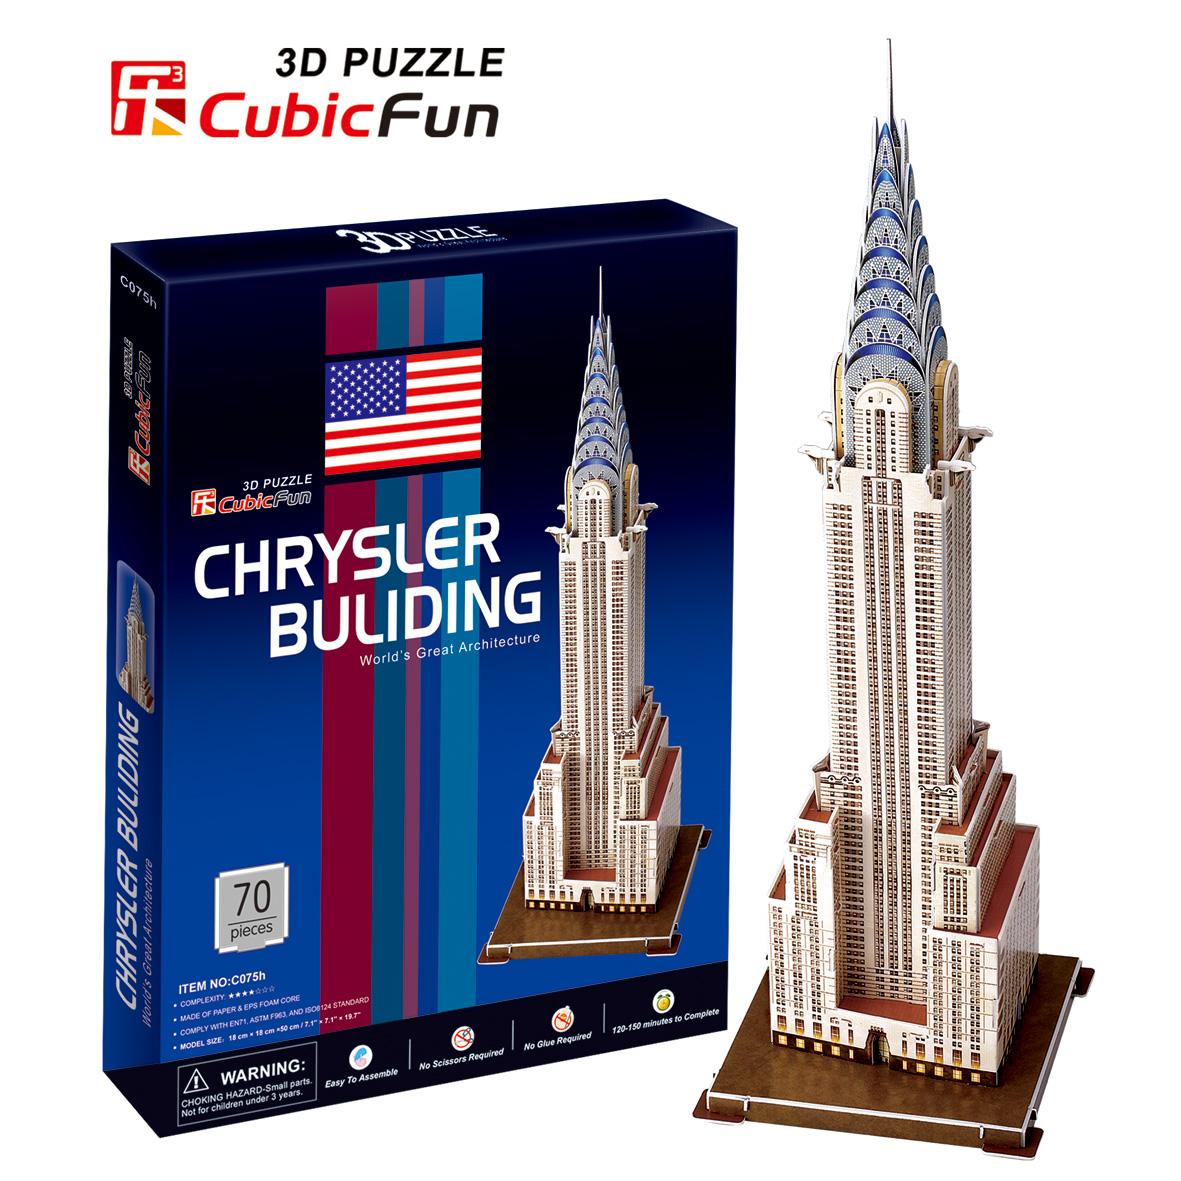 Mô Hình Giấy Cubic Fun: Tòa Nhà Chrysler [C075h]